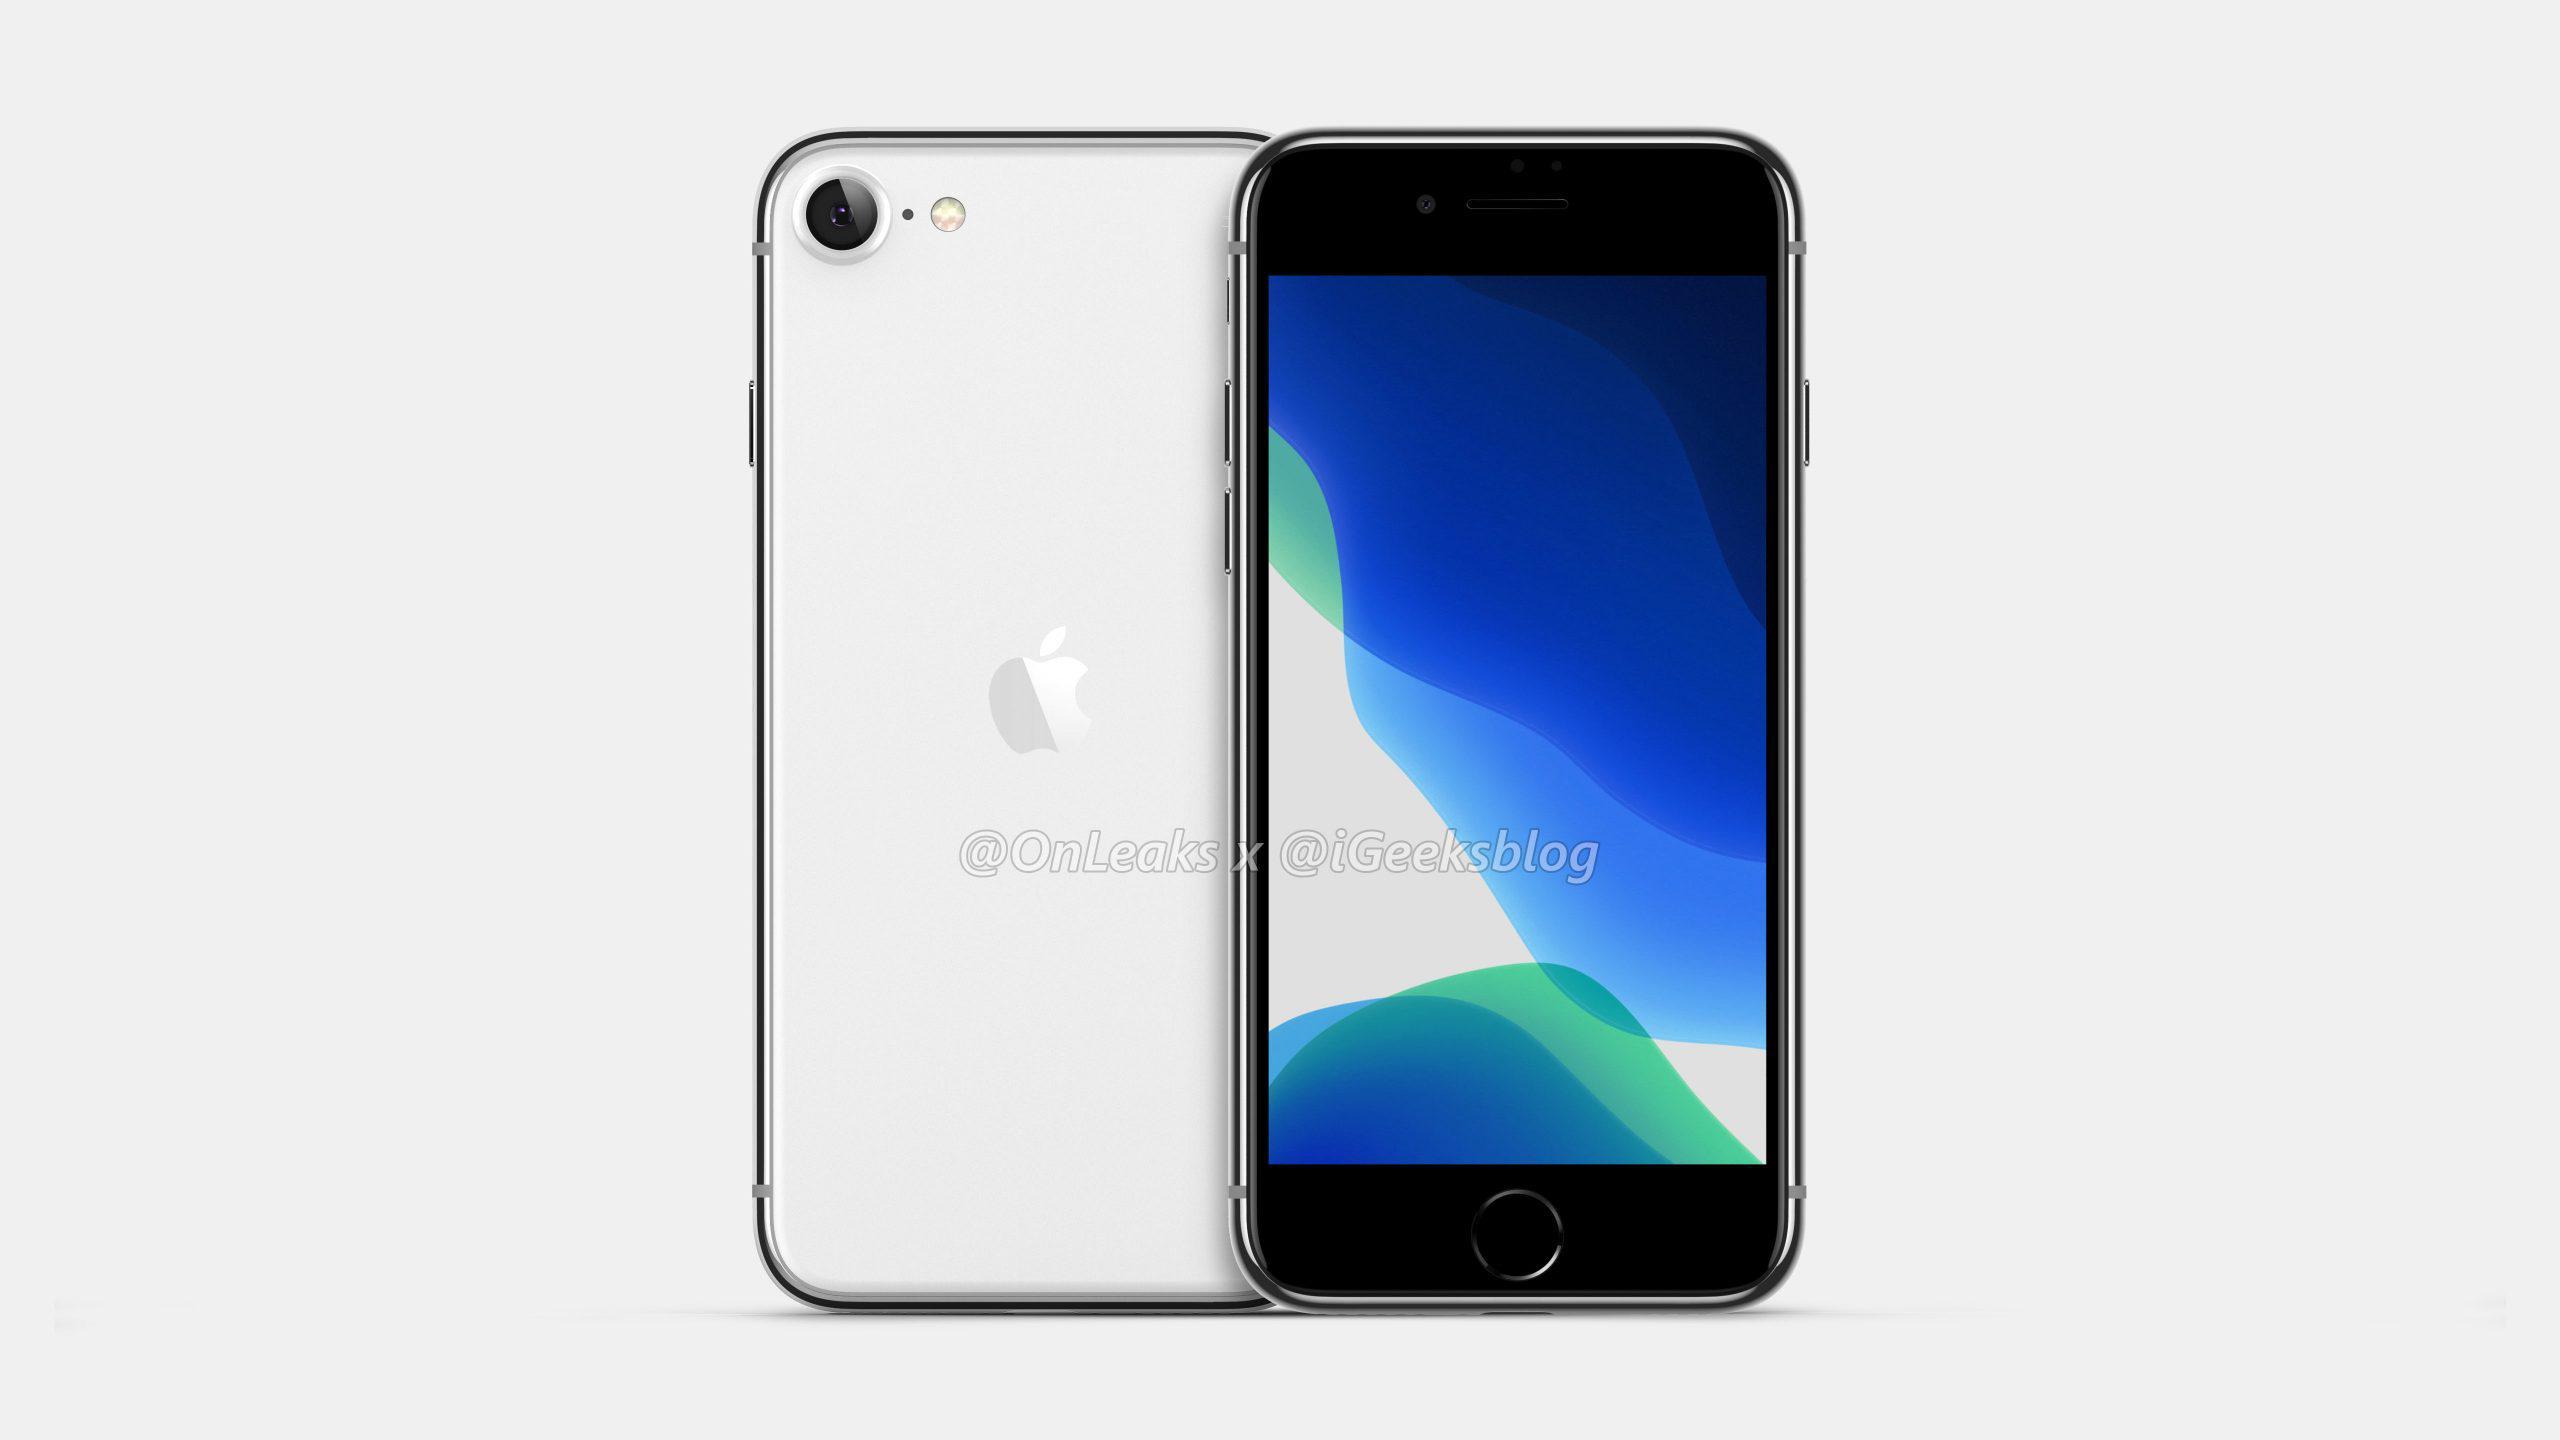 爆料称新iPhone将于4月15日发布